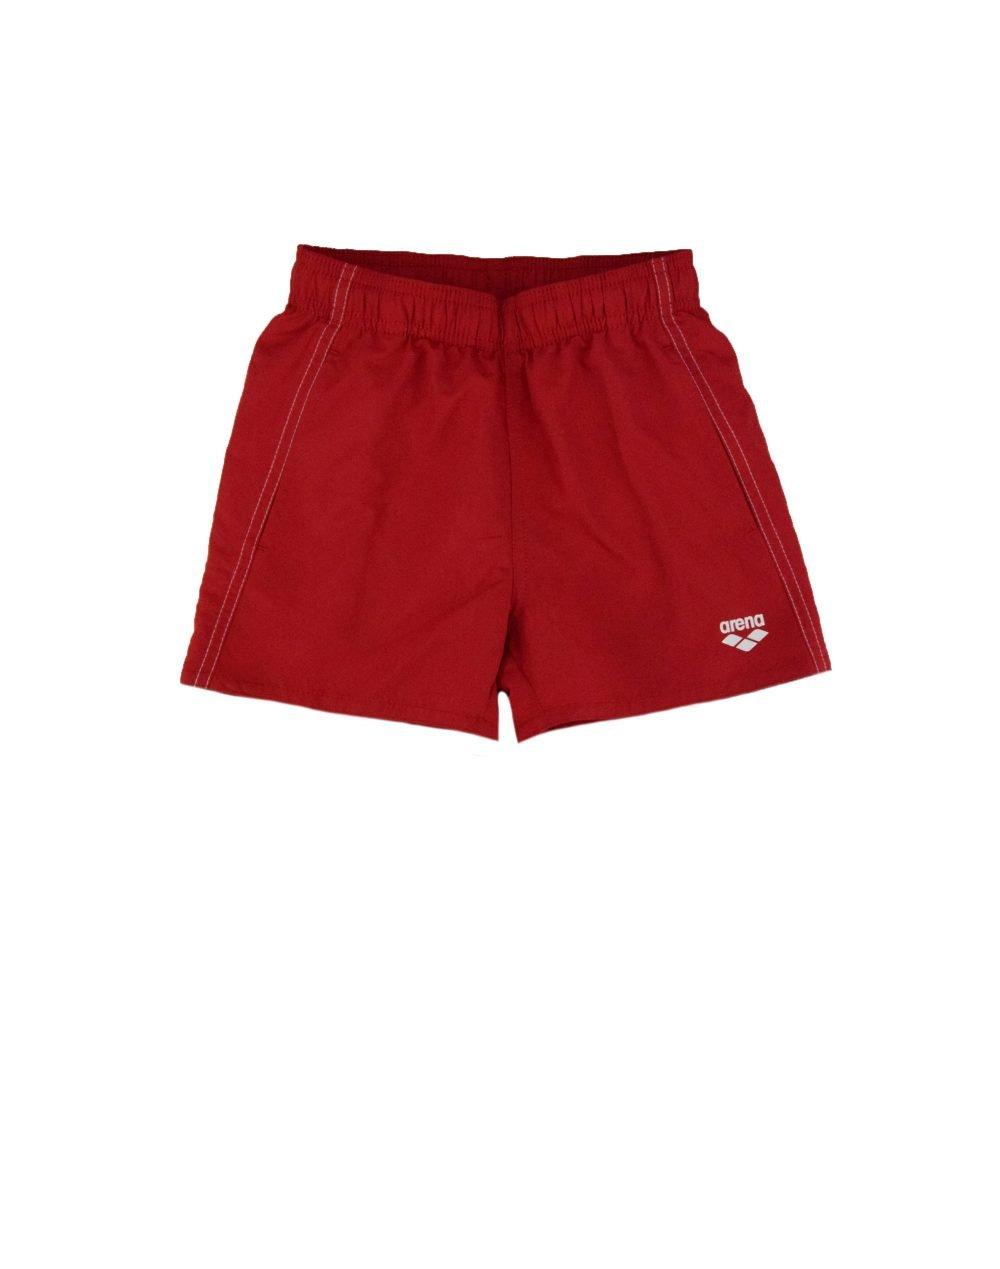 Arena Fundamentals JR Boxer (1B35241) Red